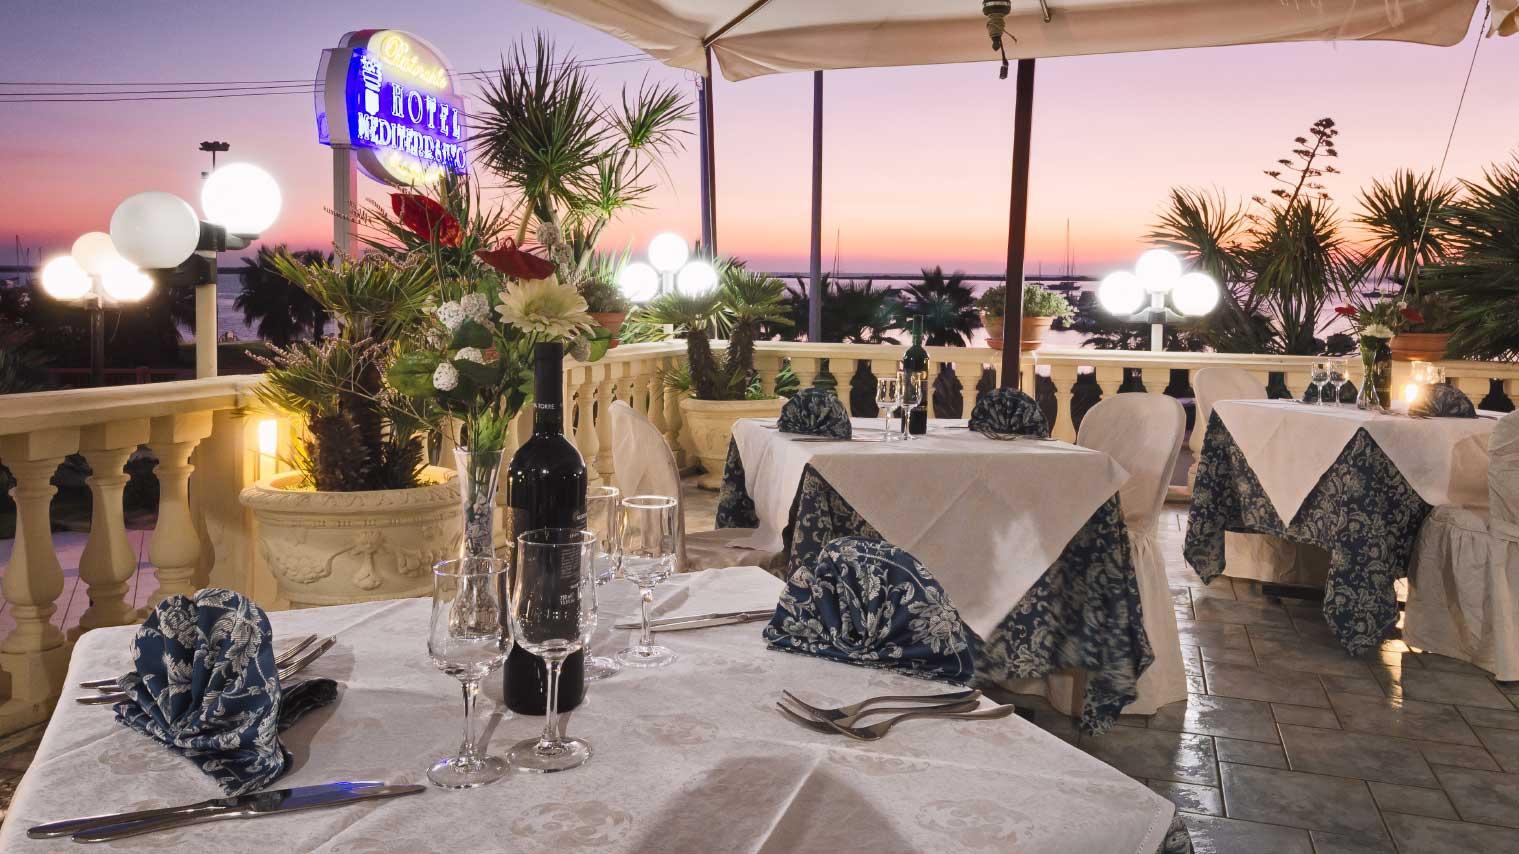 ristorante hotel mediterraneo rh hotelmediterraneo org